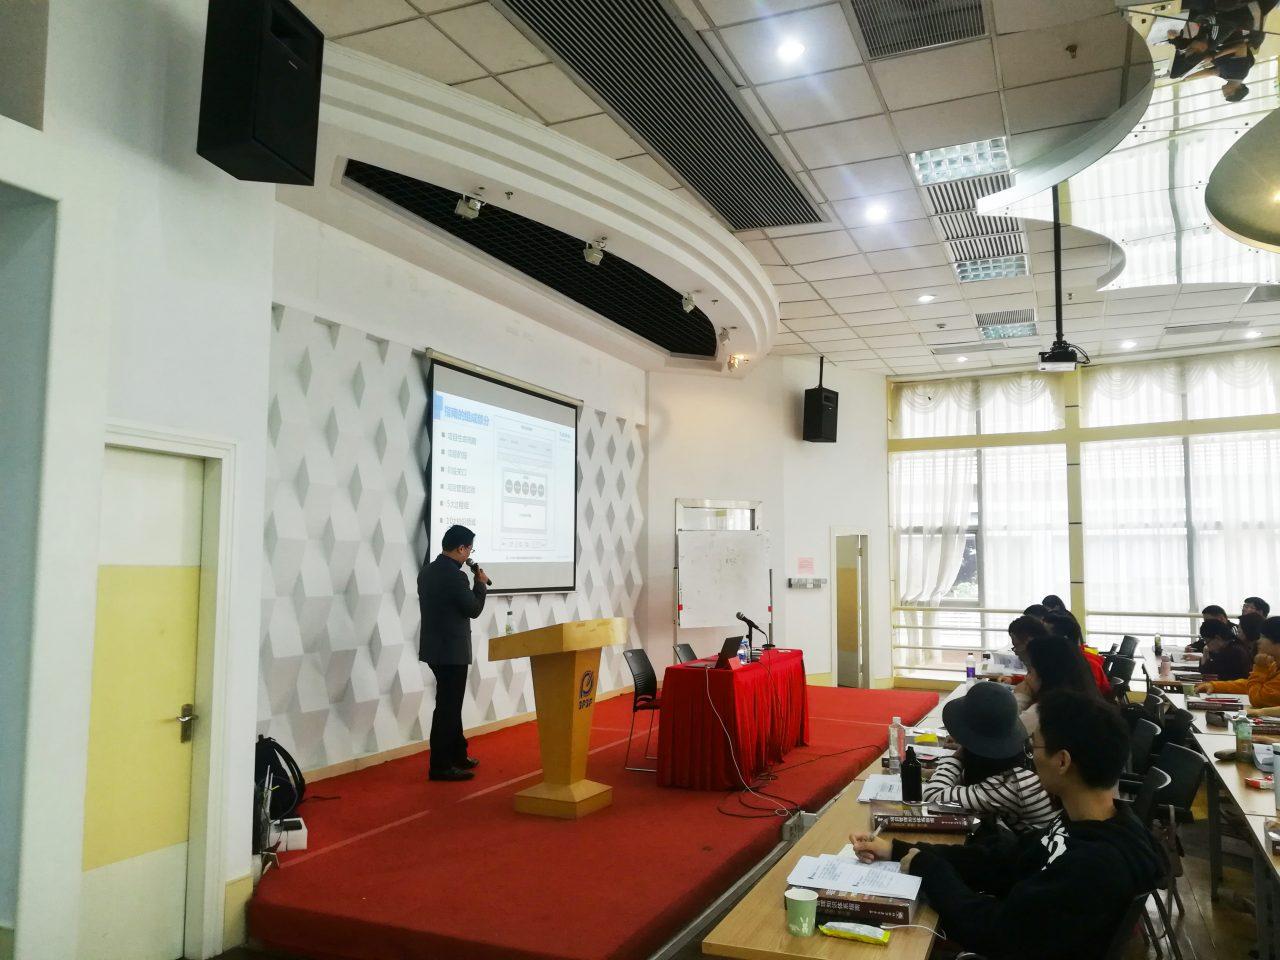 2021年上海2021年PMP考试时间有什么变化?如何备战2021年PMP考试? -- 第2张